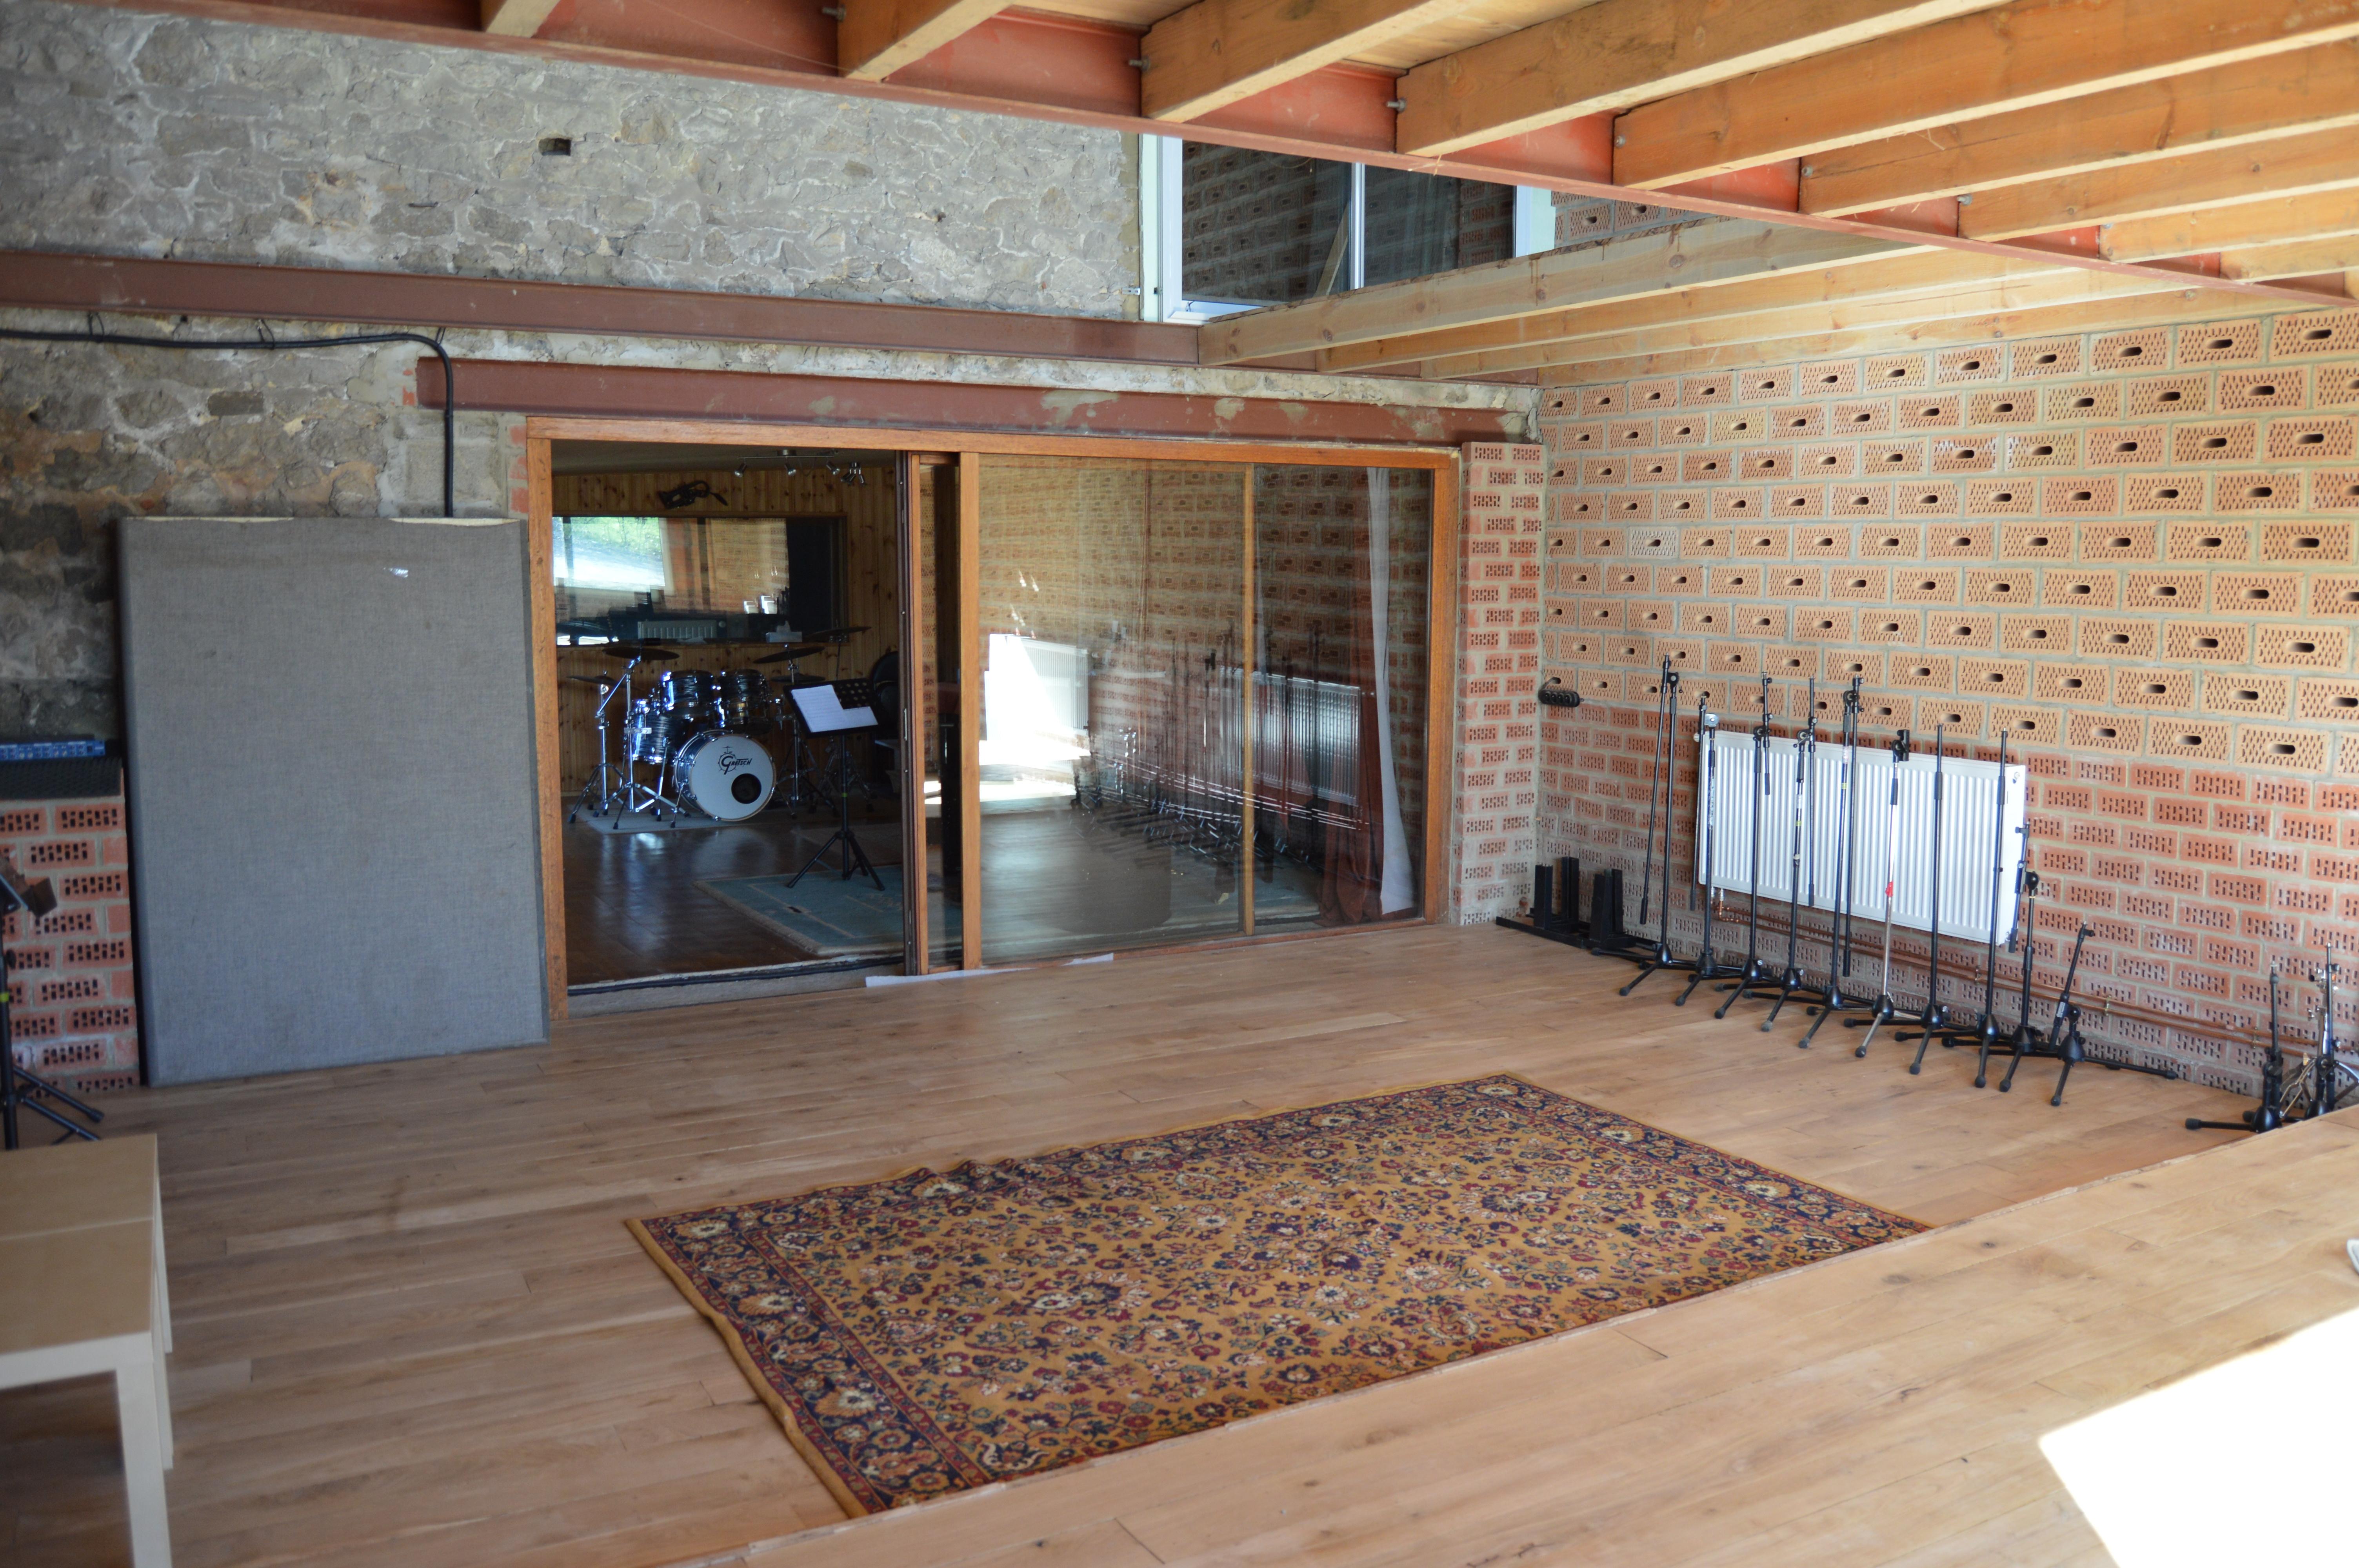 Am nagement acoustique de mon studio d 39 enregistrement forum mobilier accessoires - Cloison studio ...